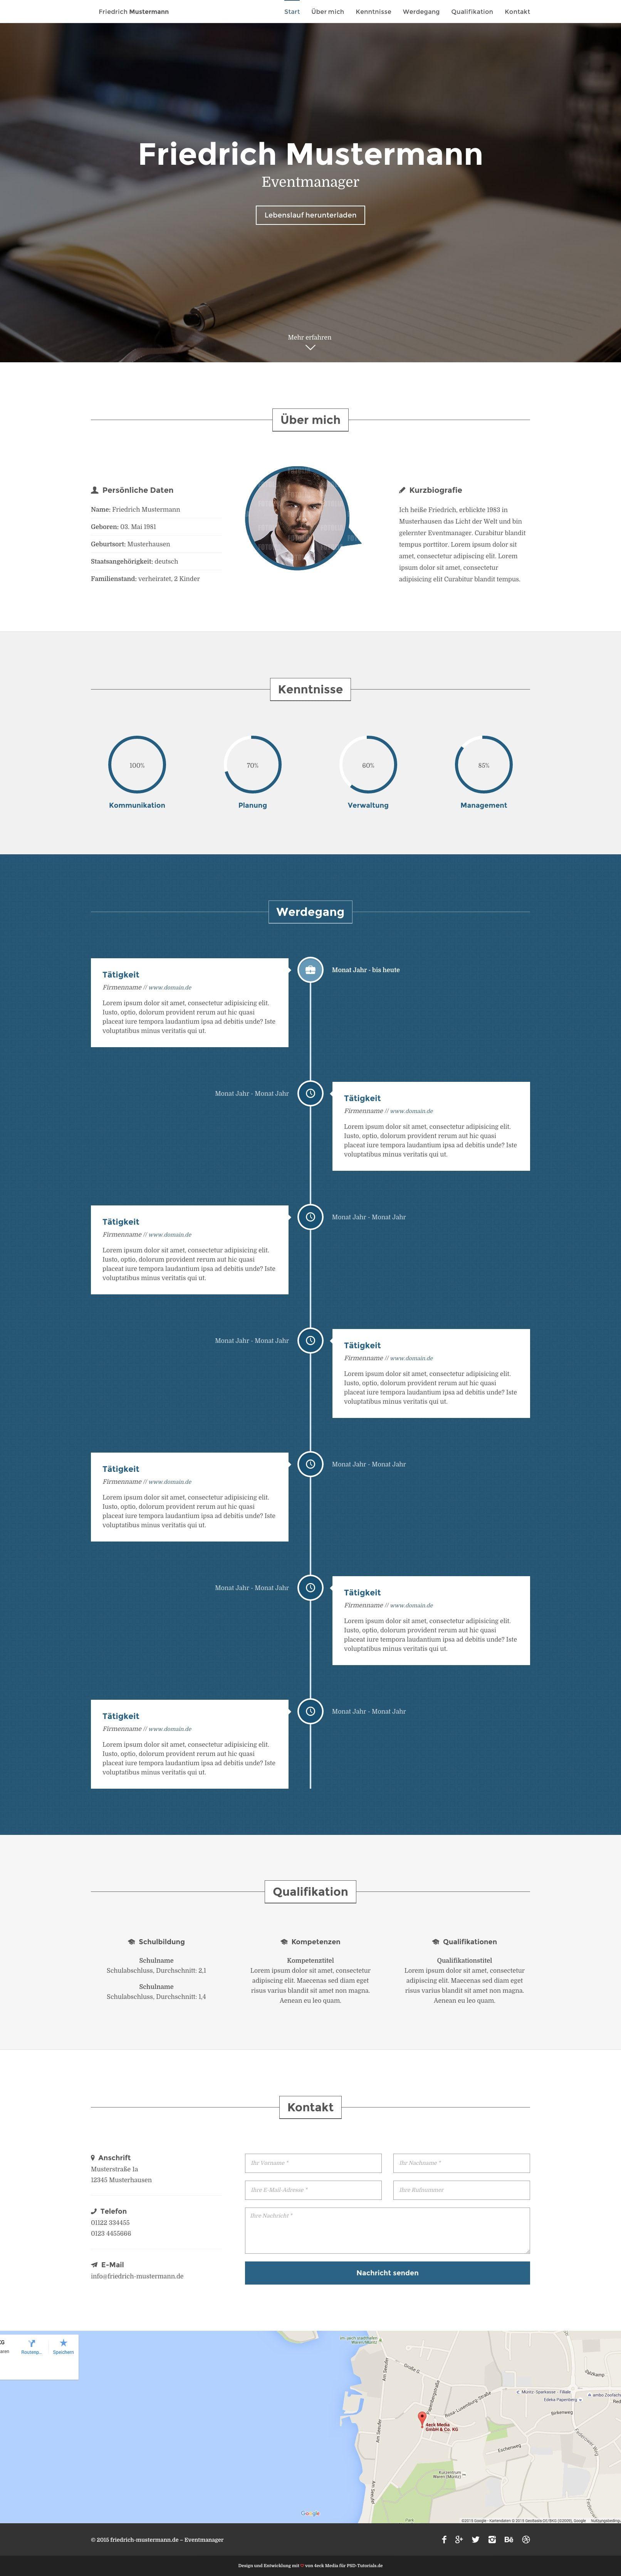 WordPress-Themes für moderne Onepager | Wordpress template ...